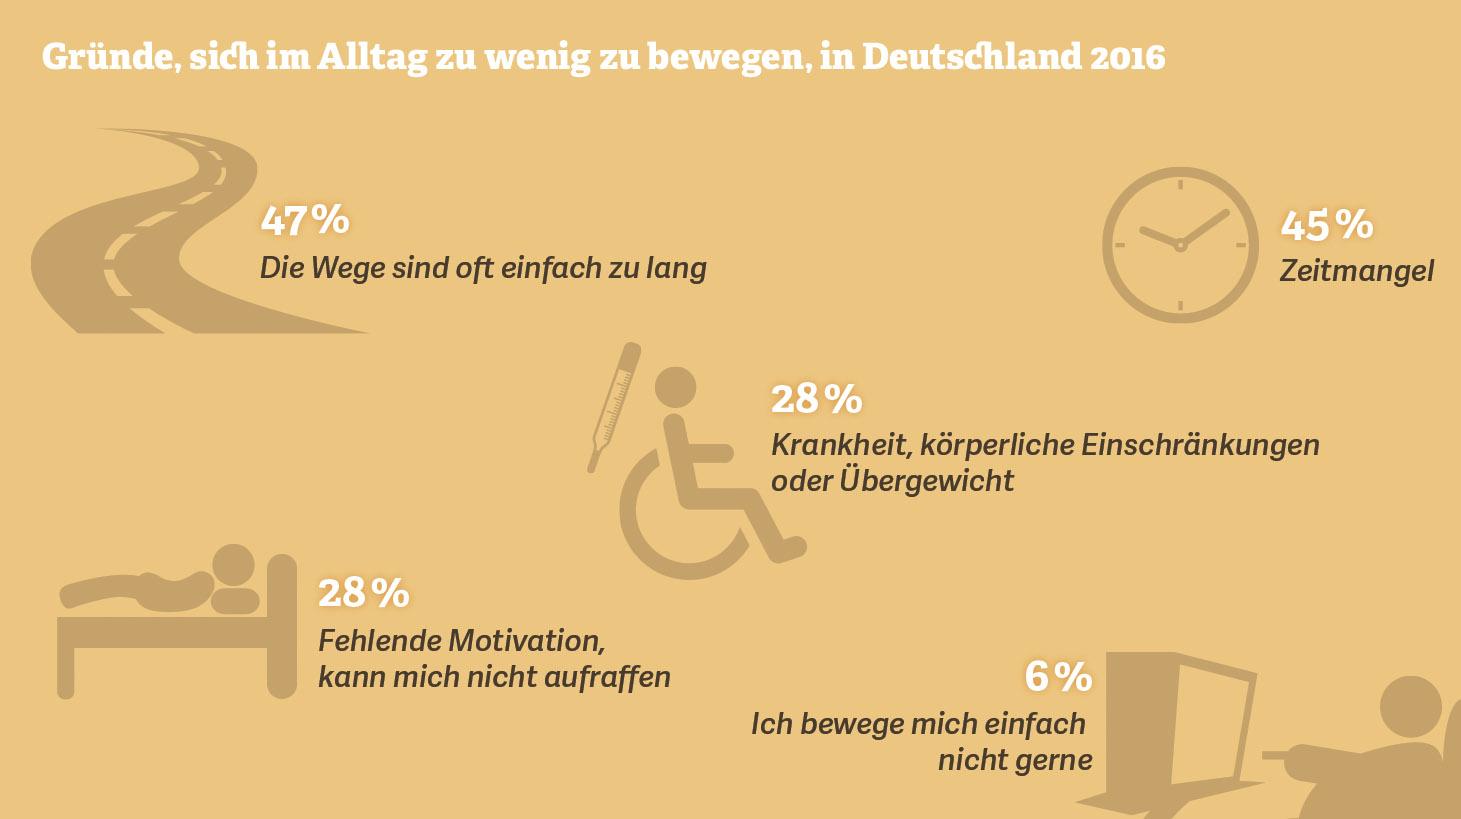 Gründe, sich im Alltag zu wenig zu bewegen (Deutschland, 2016)